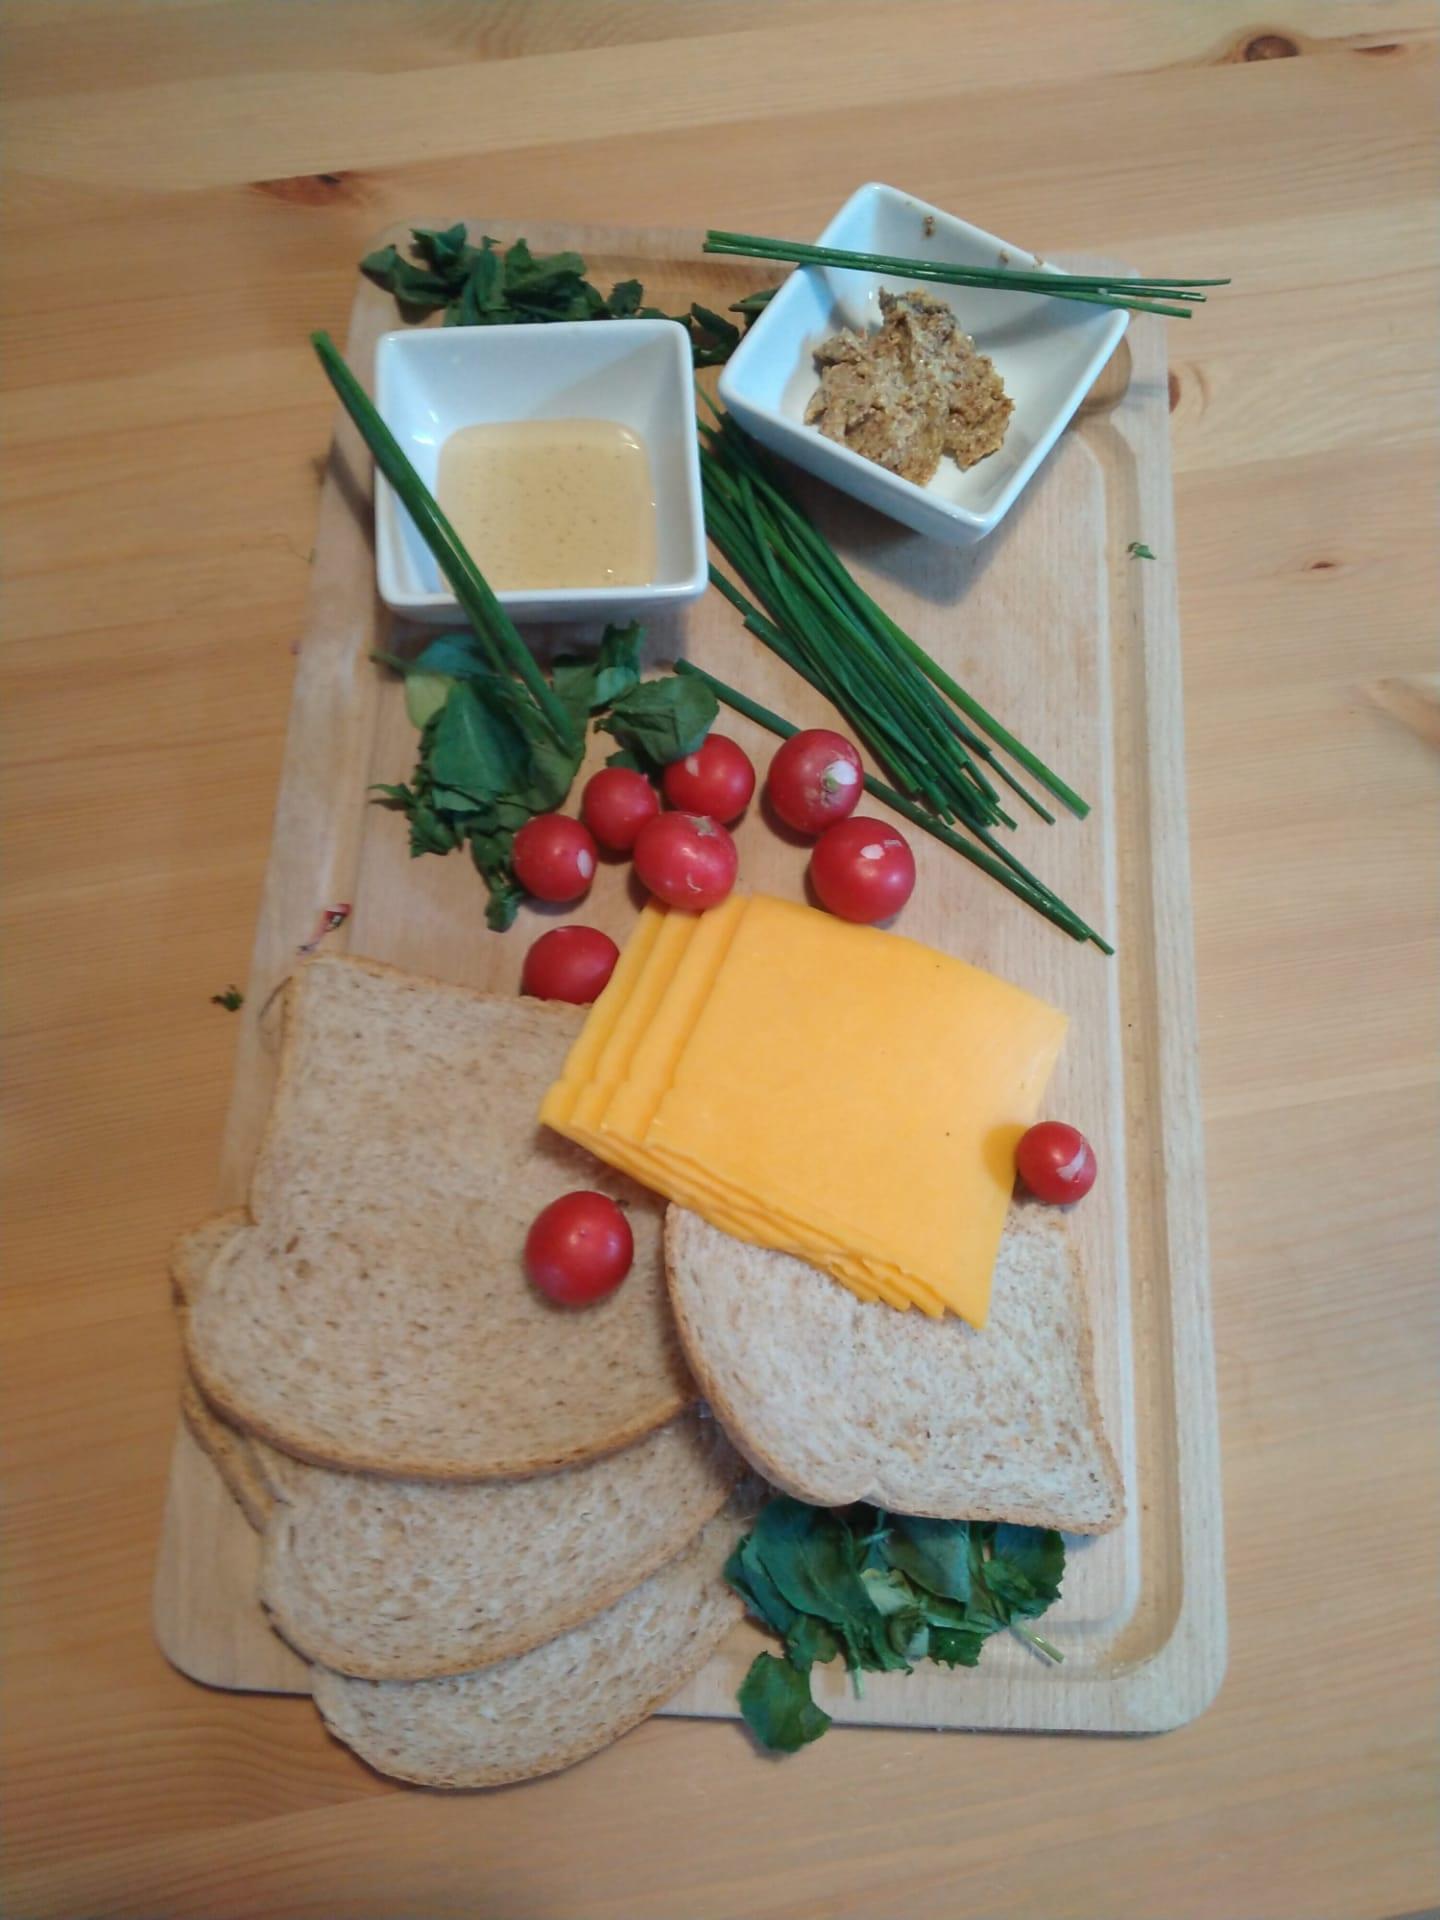 Kaas sandwich met vetvrije kaas bevat zeer weinig vet